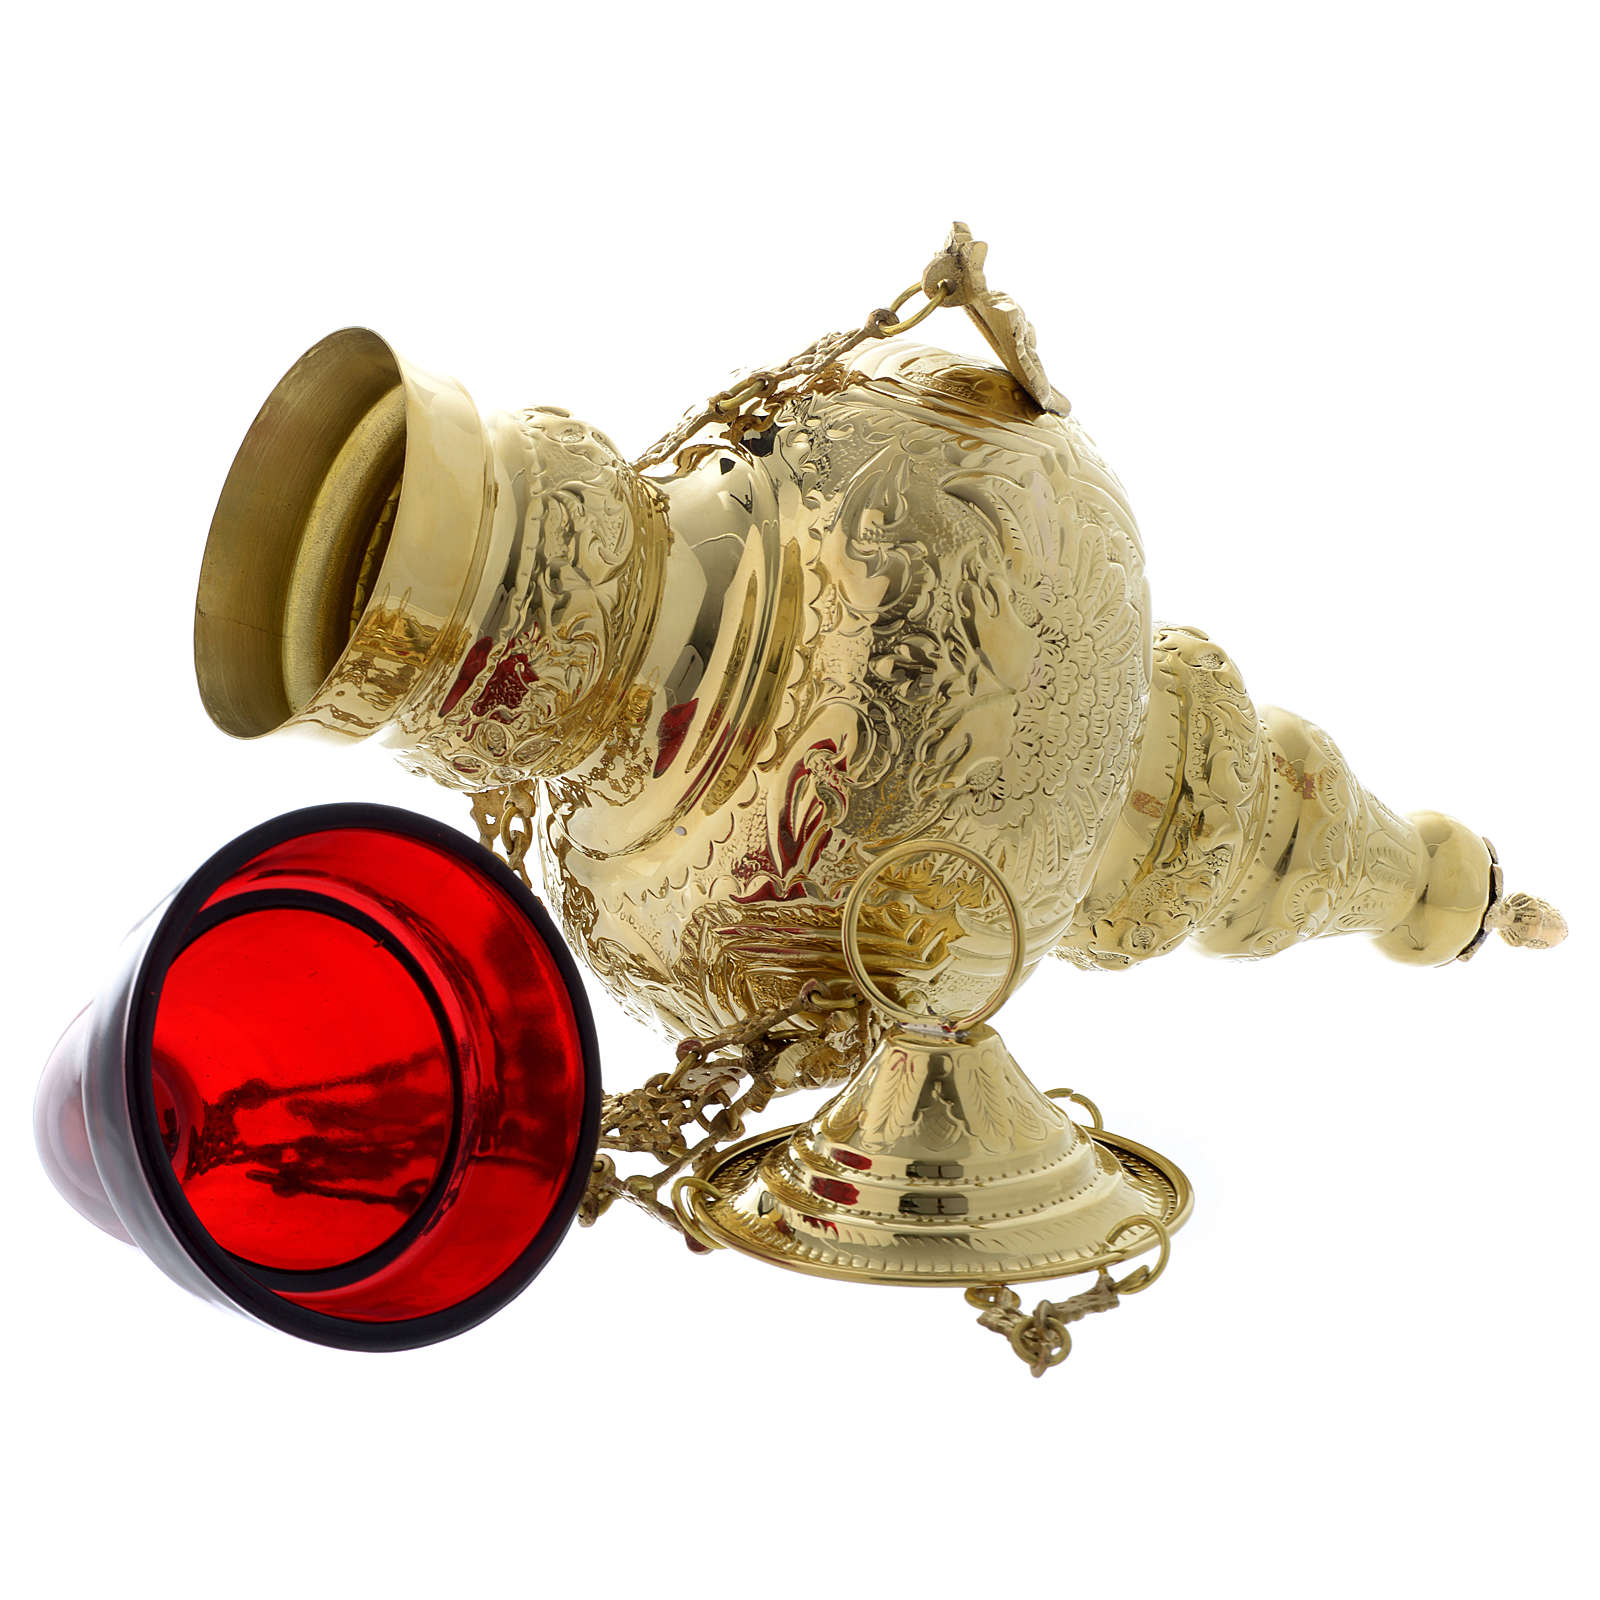 Lampada a sospensione motivo fogli ottone dorato 70 cm 4